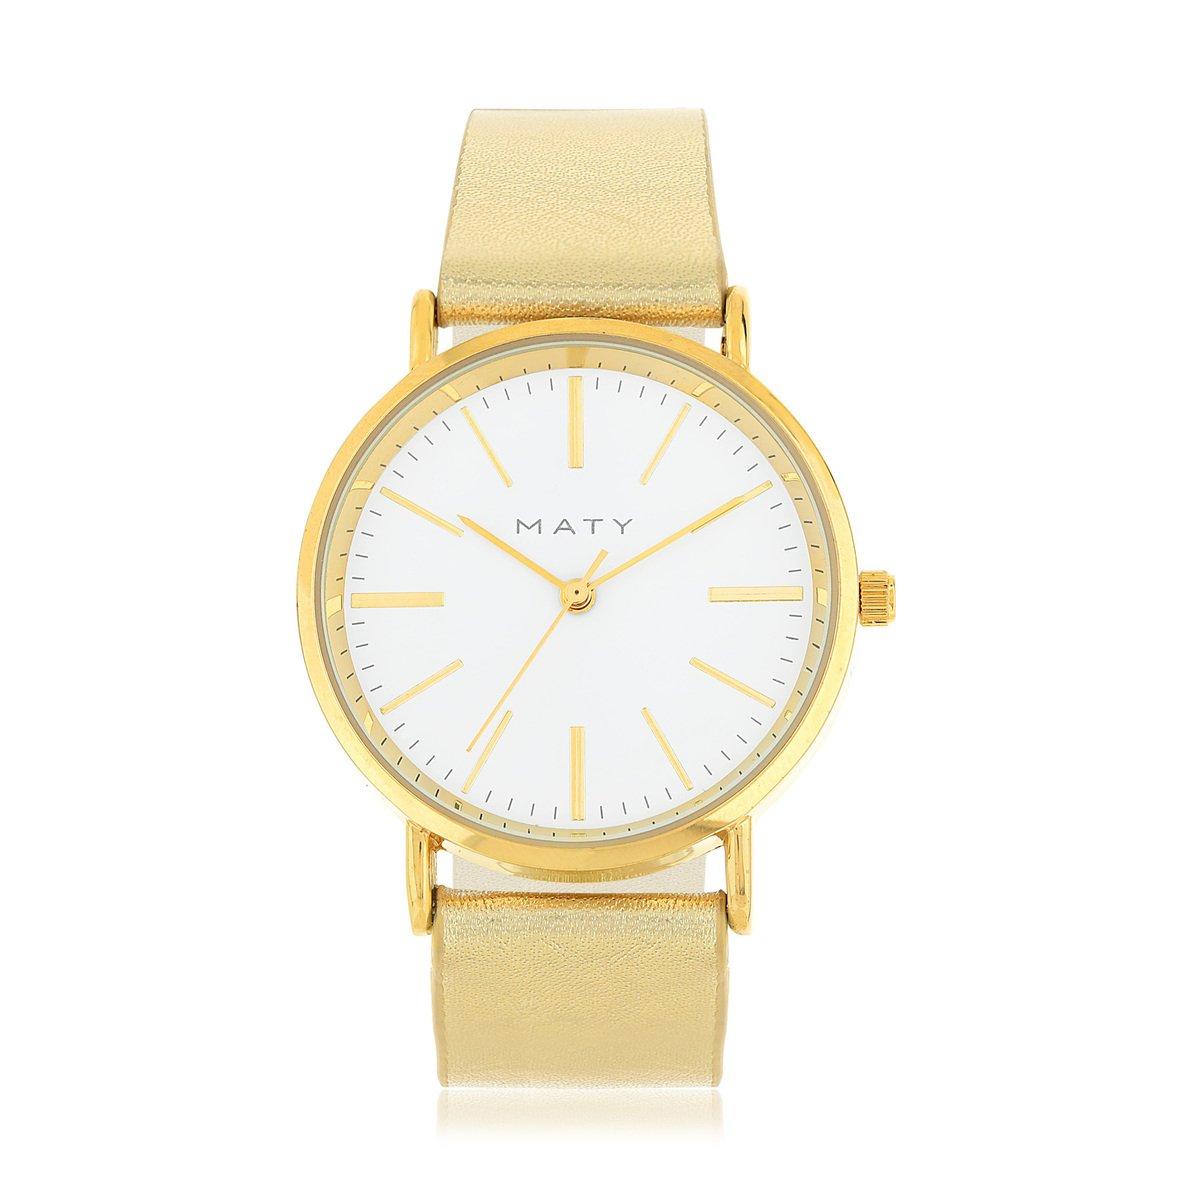 nouveau produit 08f3a 72934 Montre dorée bracelet cuir